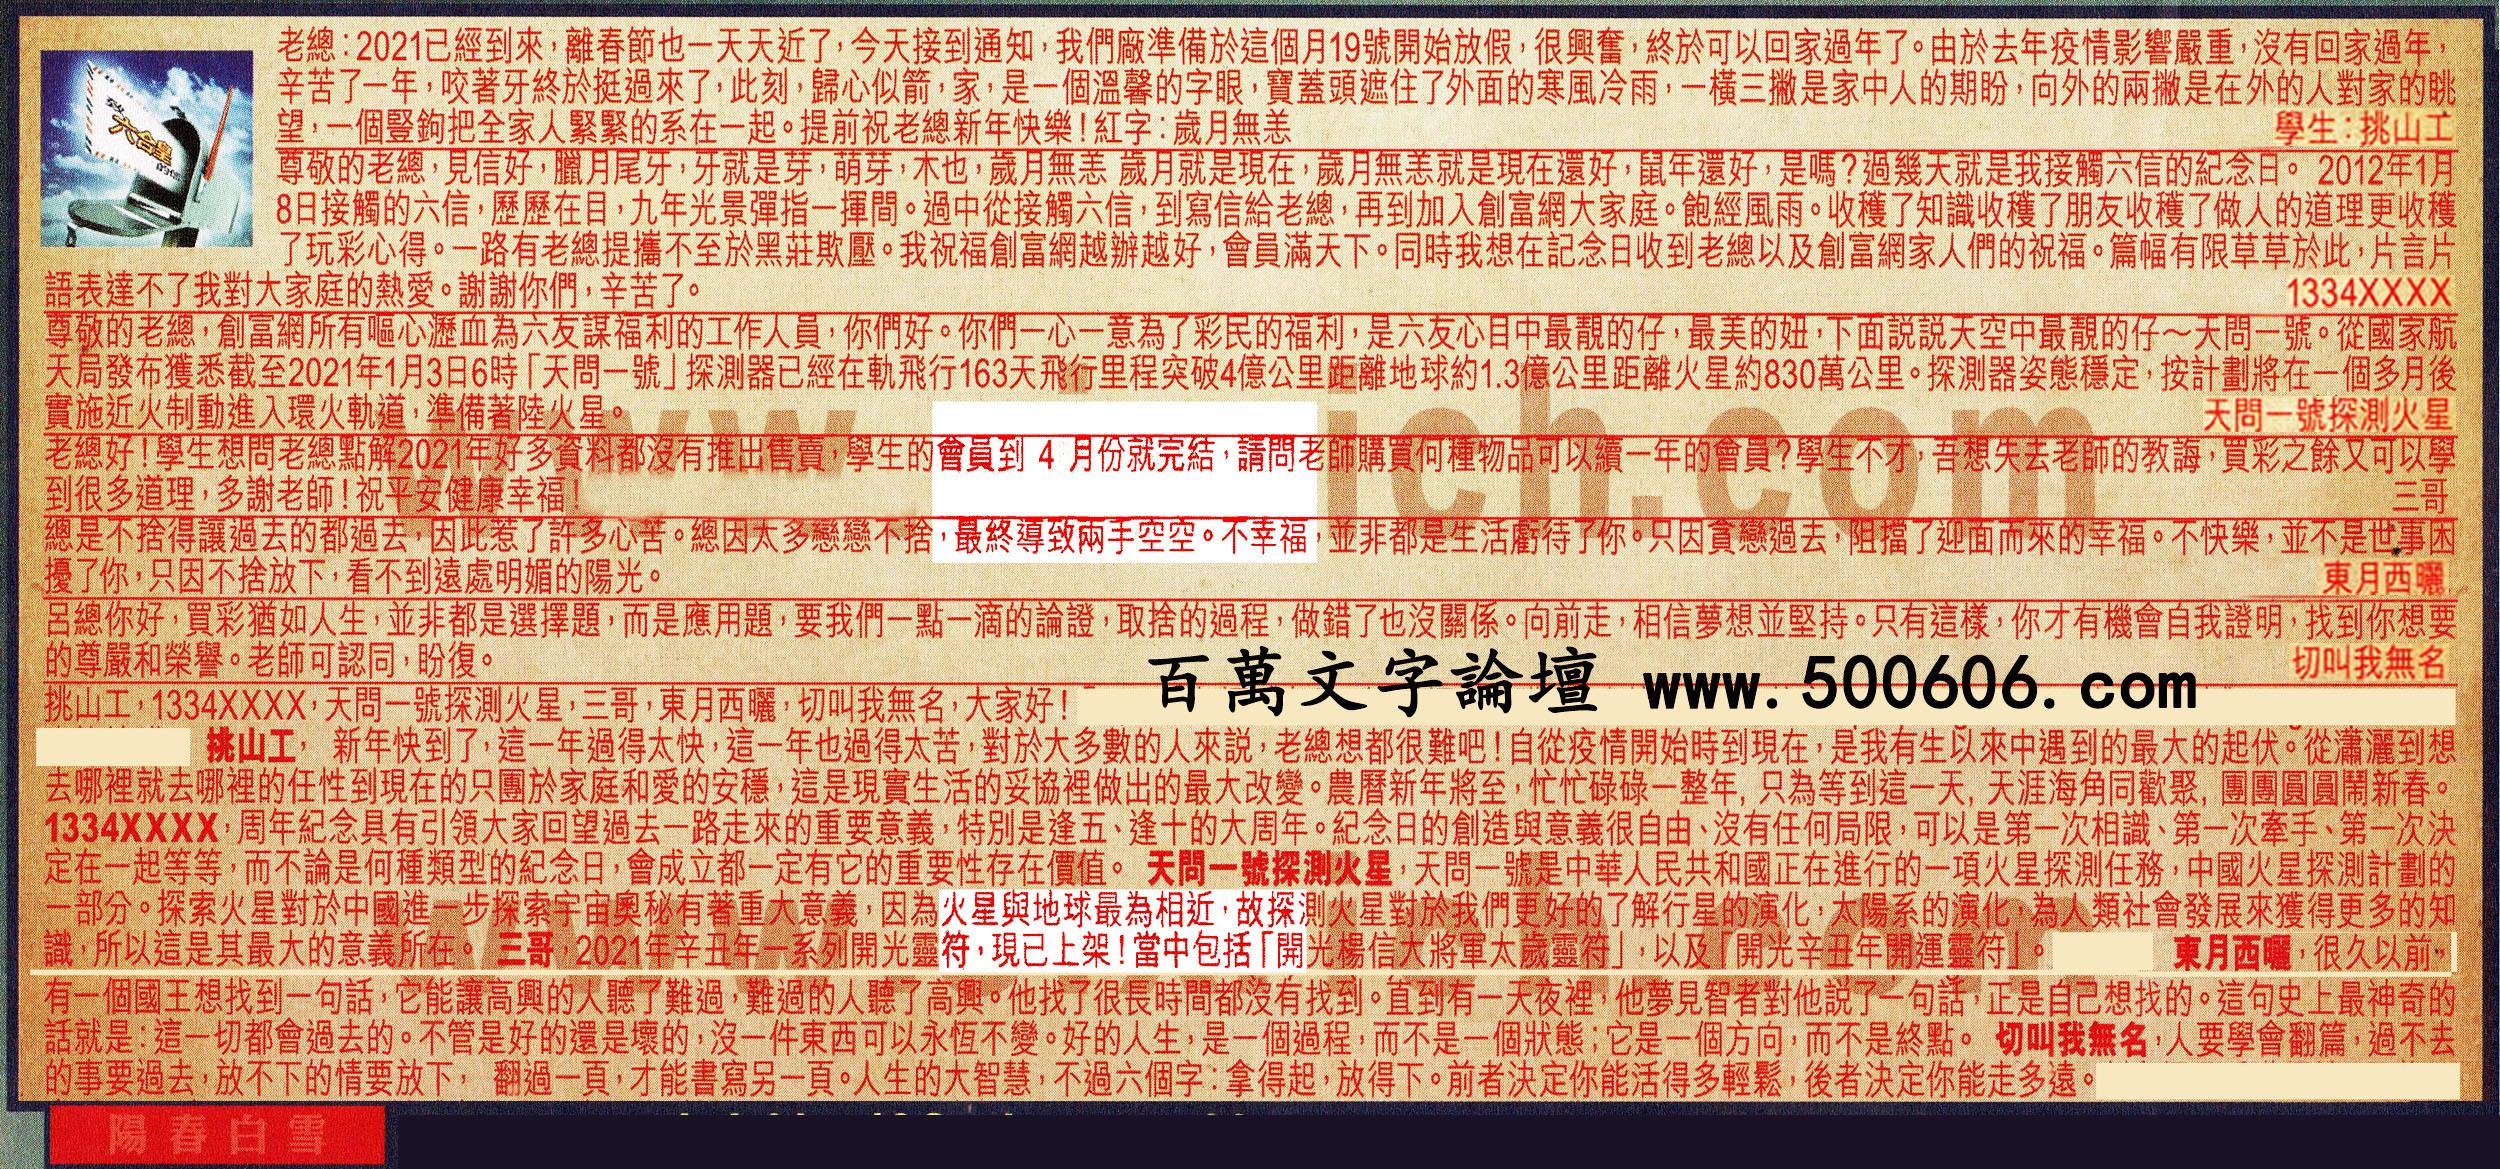 003期:彩民推荐六合皇信箱(�t字:�春白雪)_003期开奖结果:33-29-34-32-19-05-T43马/绿/火